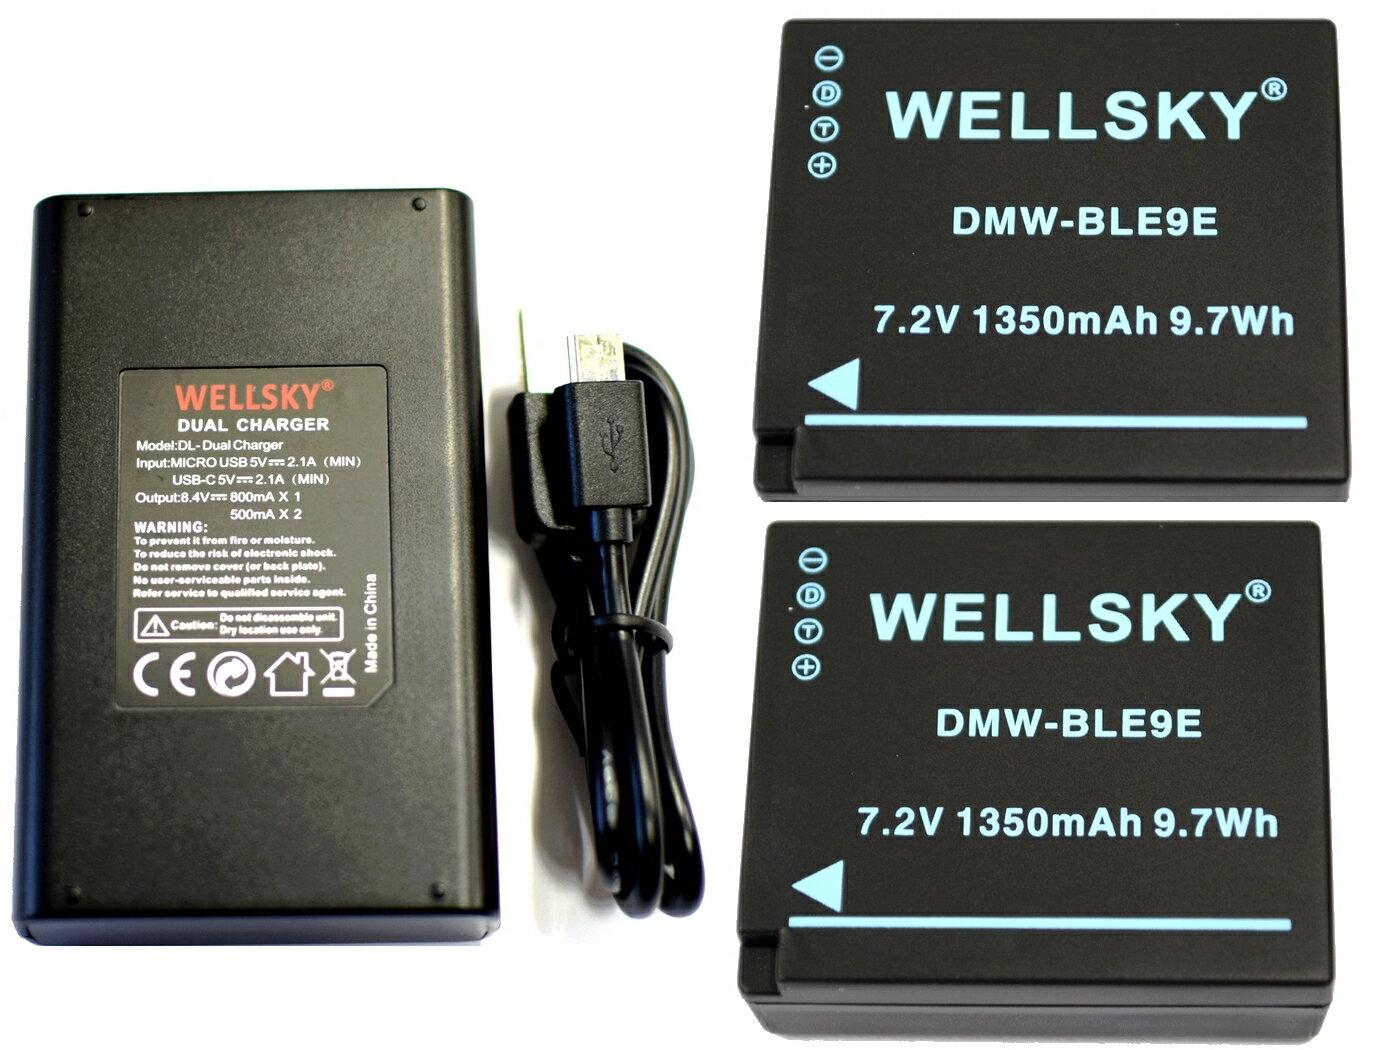 カメラ・ビデオカメラ・光学機器用アクセサリー, 電源・充電器 DMW-BLE9 DMW-BLG10 1 USB DMW-BTC9 DMW-BTC12 1 2 Panasonic LUMIX DMC-GX7 Mark II DMC-TZ85